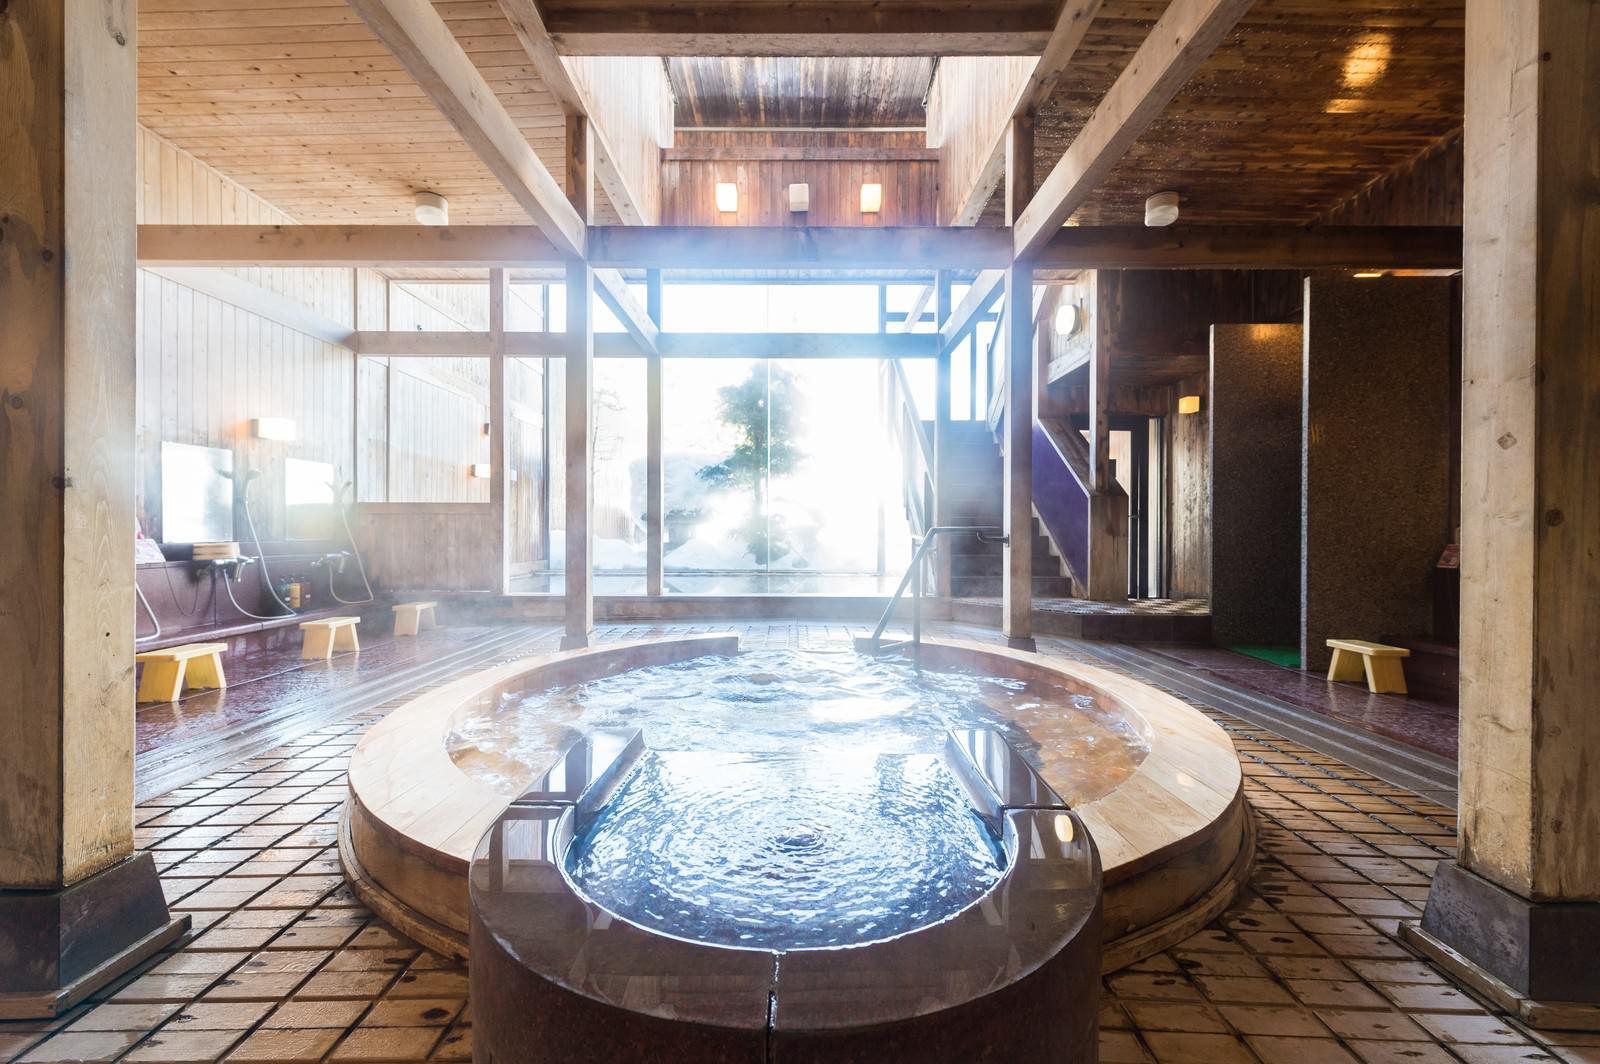 「「岡田旅館」の源泉かけ流しジャグジー温泉」の写真